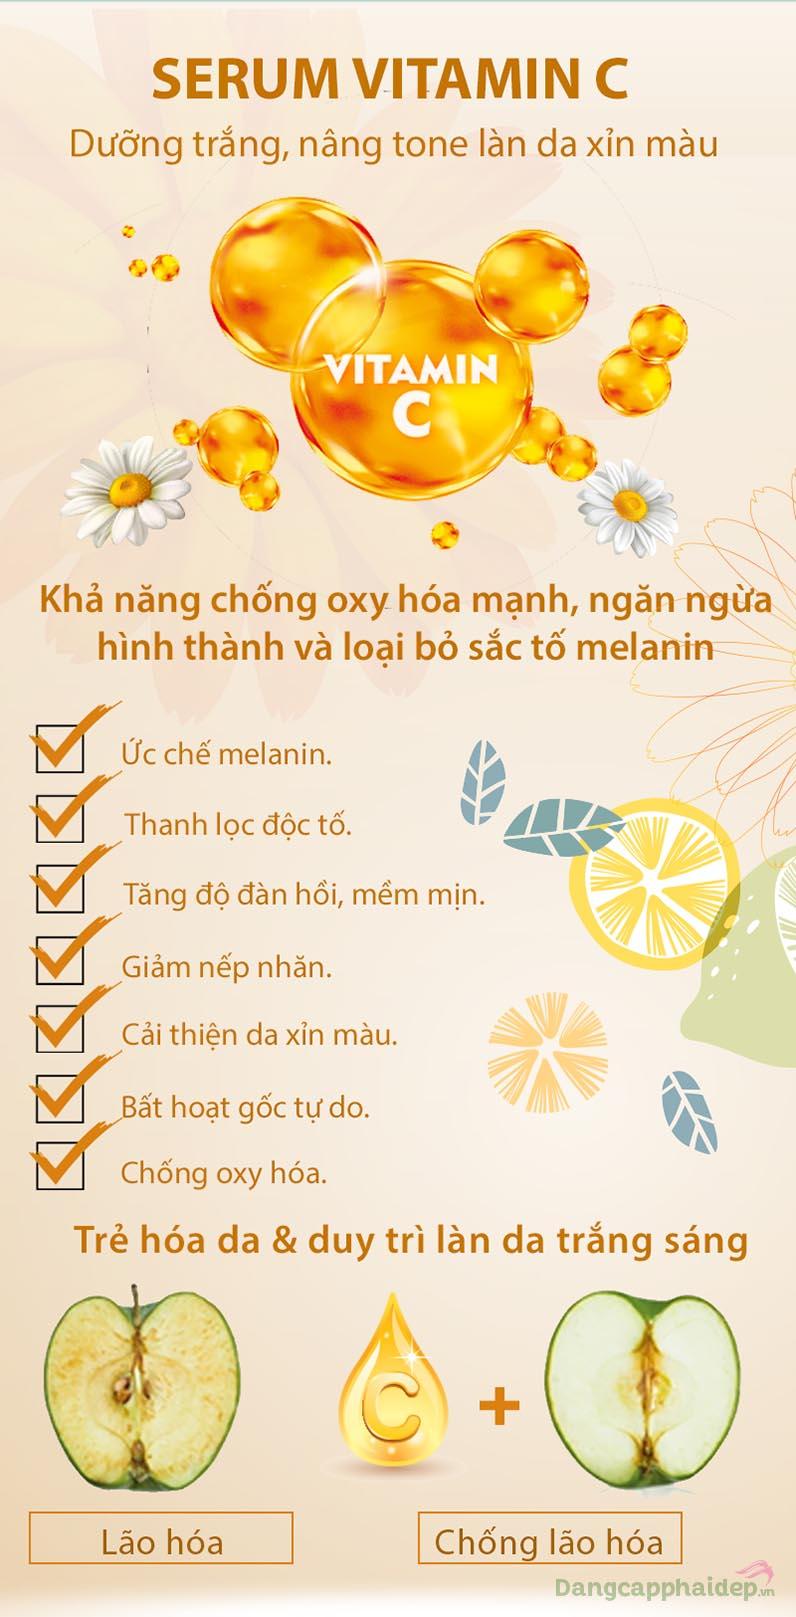 Những lợi ích tuyệt vời của vitamin C đối với sức khỏe làn da.